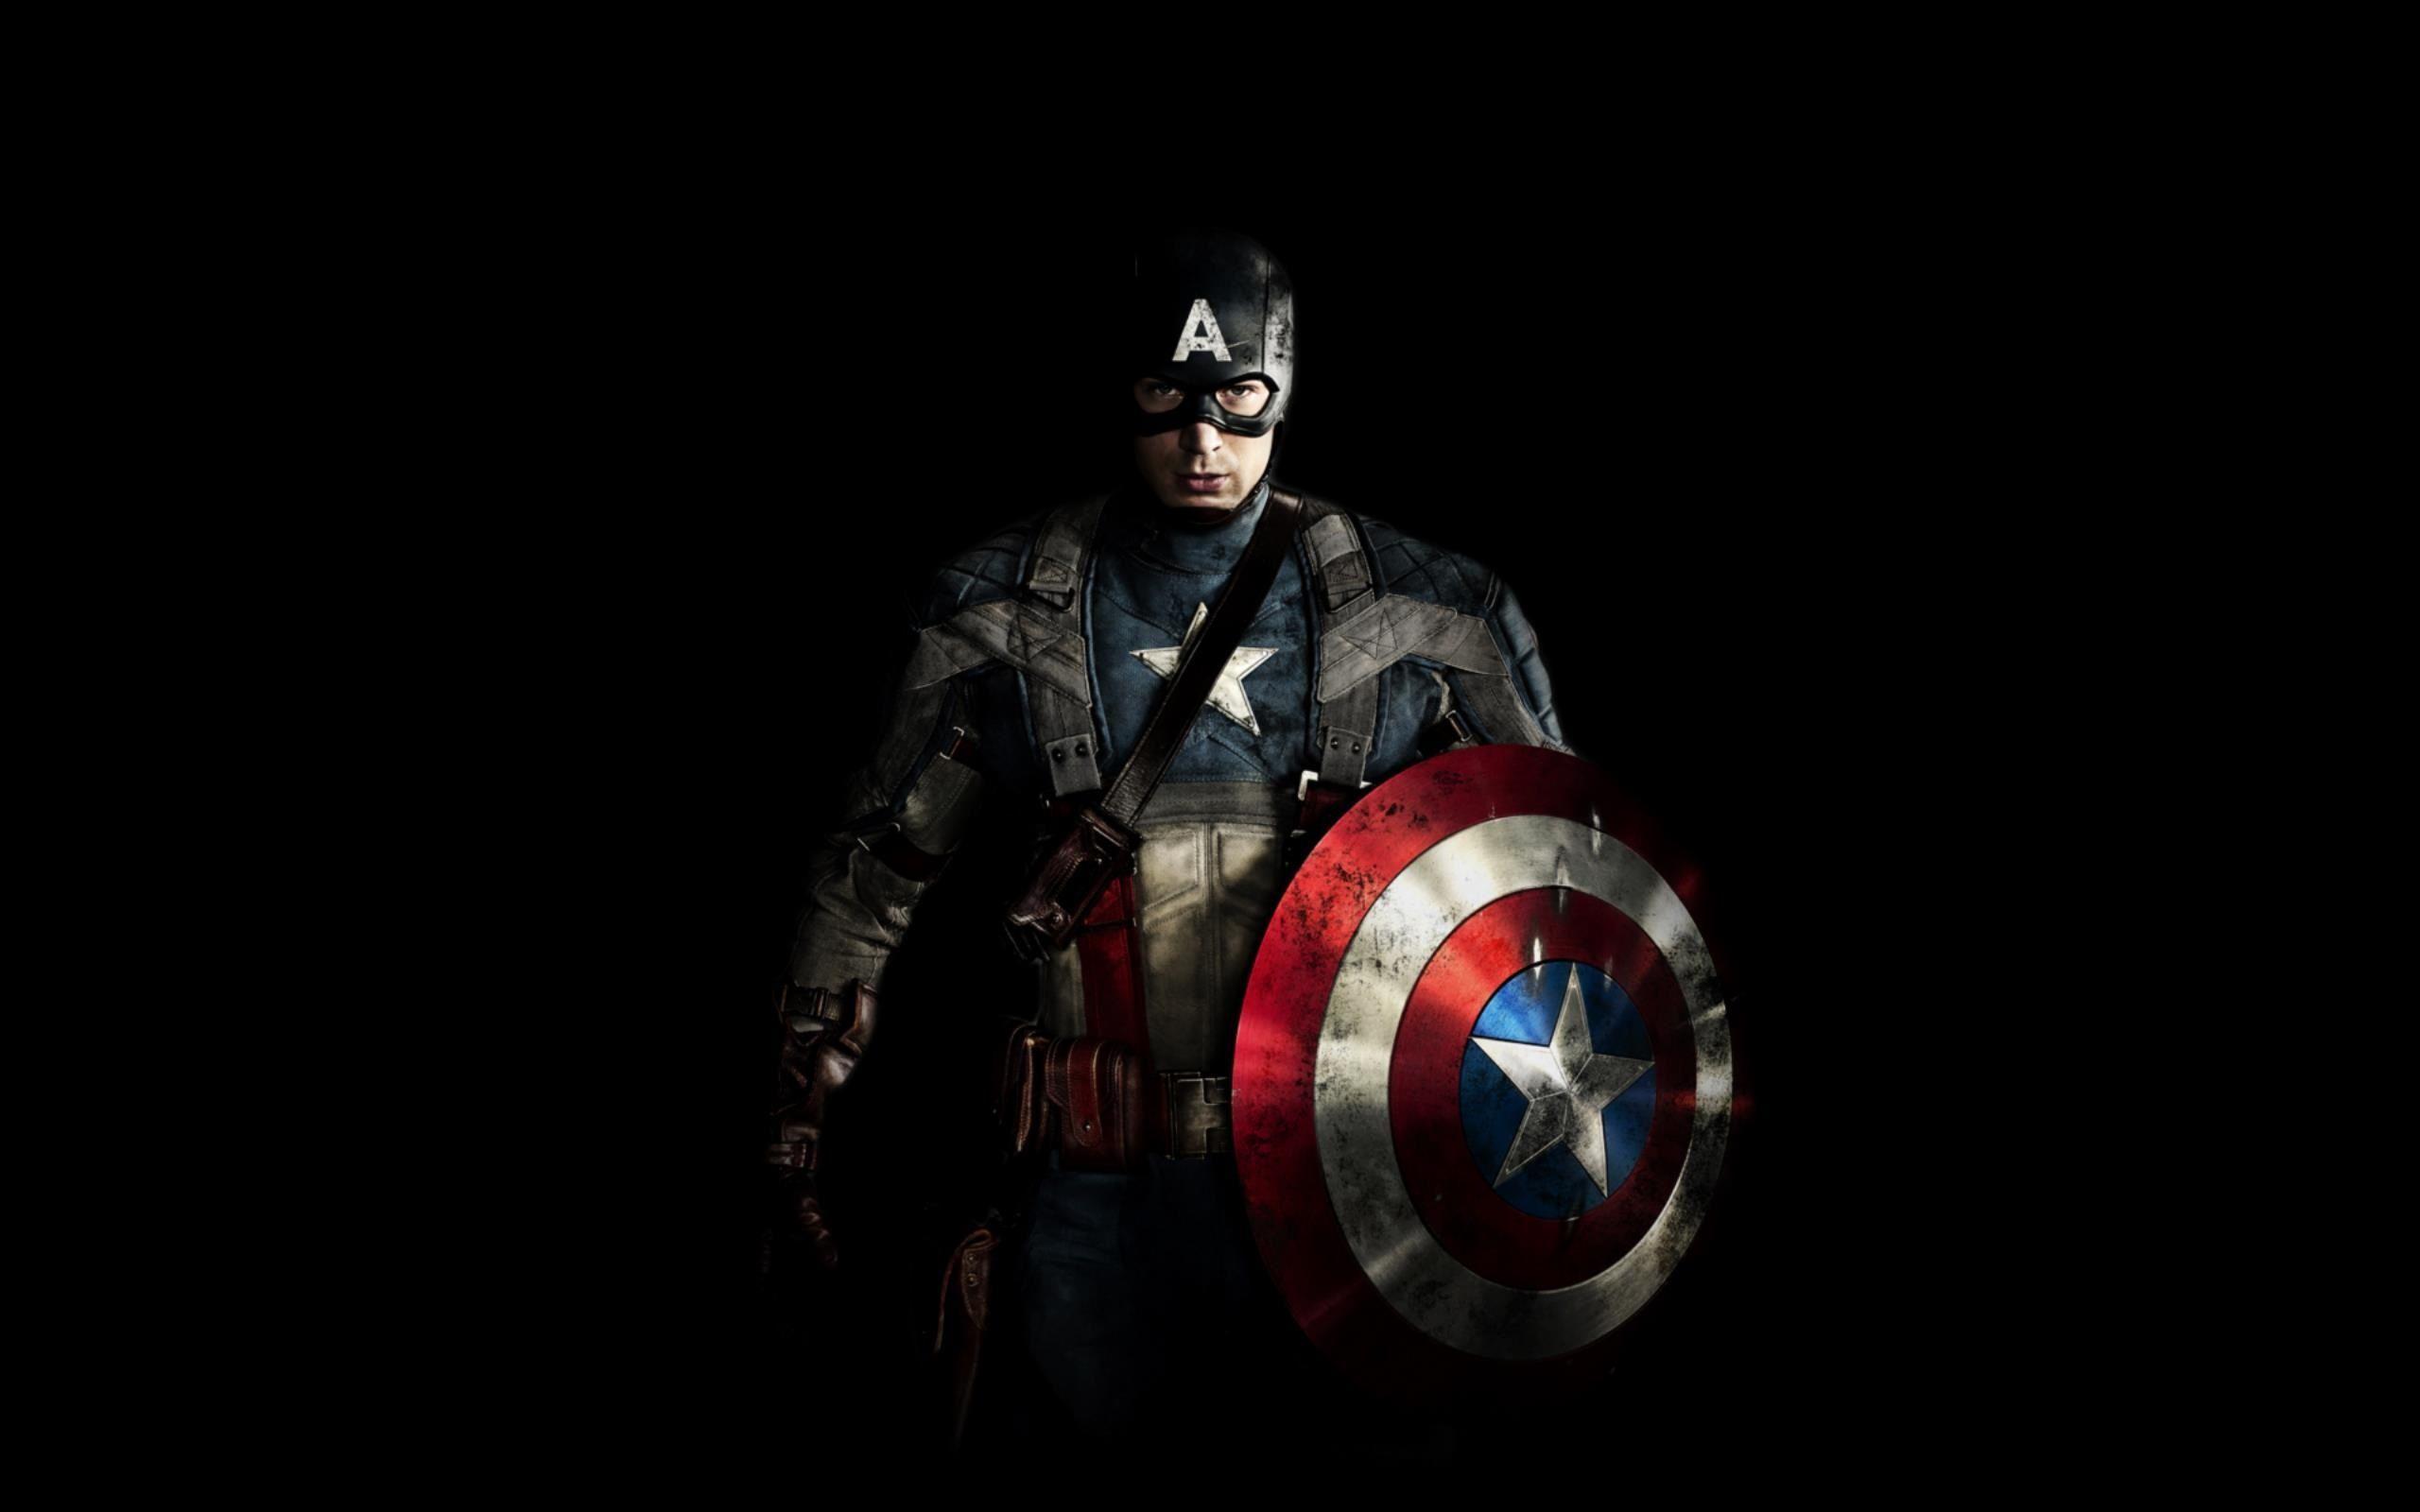 Captain America Iphone Wallpaper Full HD - Myomlife.com